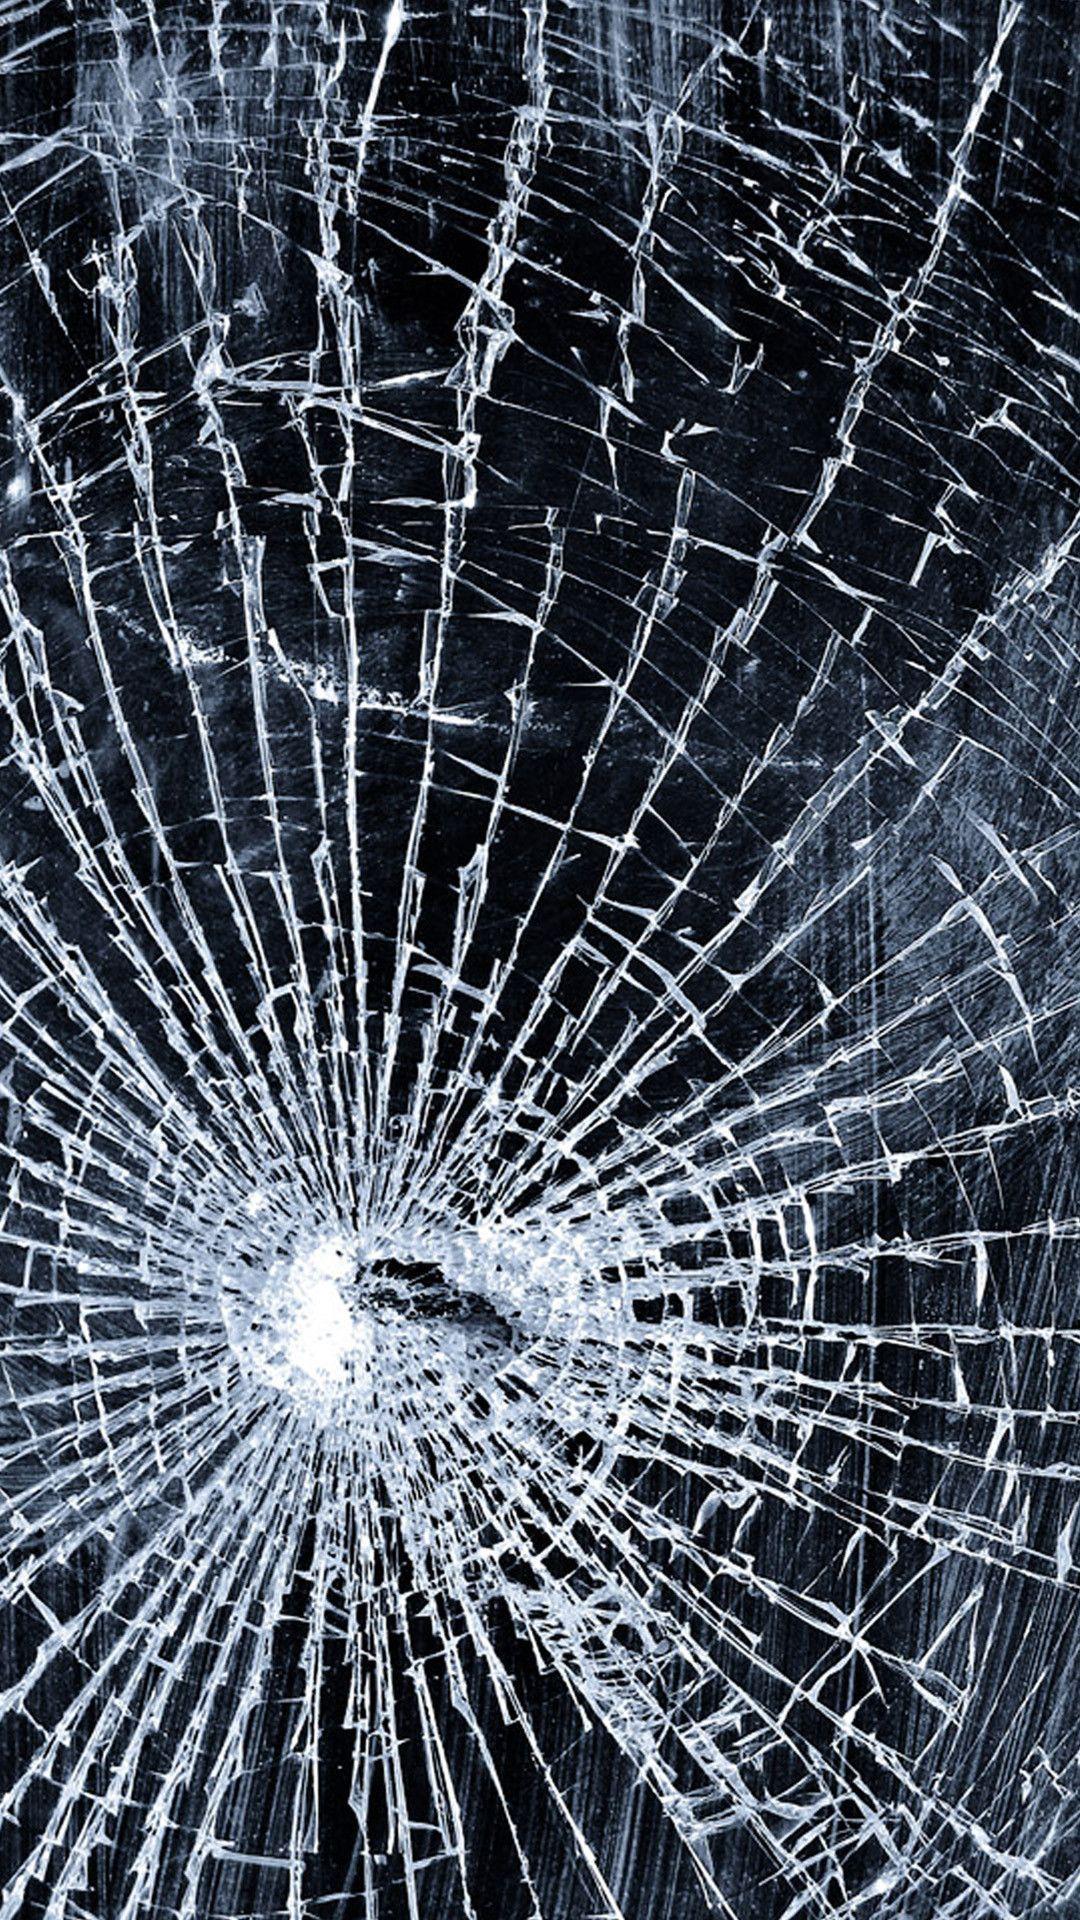 Best Broken Screen Wallpaper Hd Free Download In 2020 Broken Screen Wallpaper Broken Glass Wallpaper Cracked Wallpaper